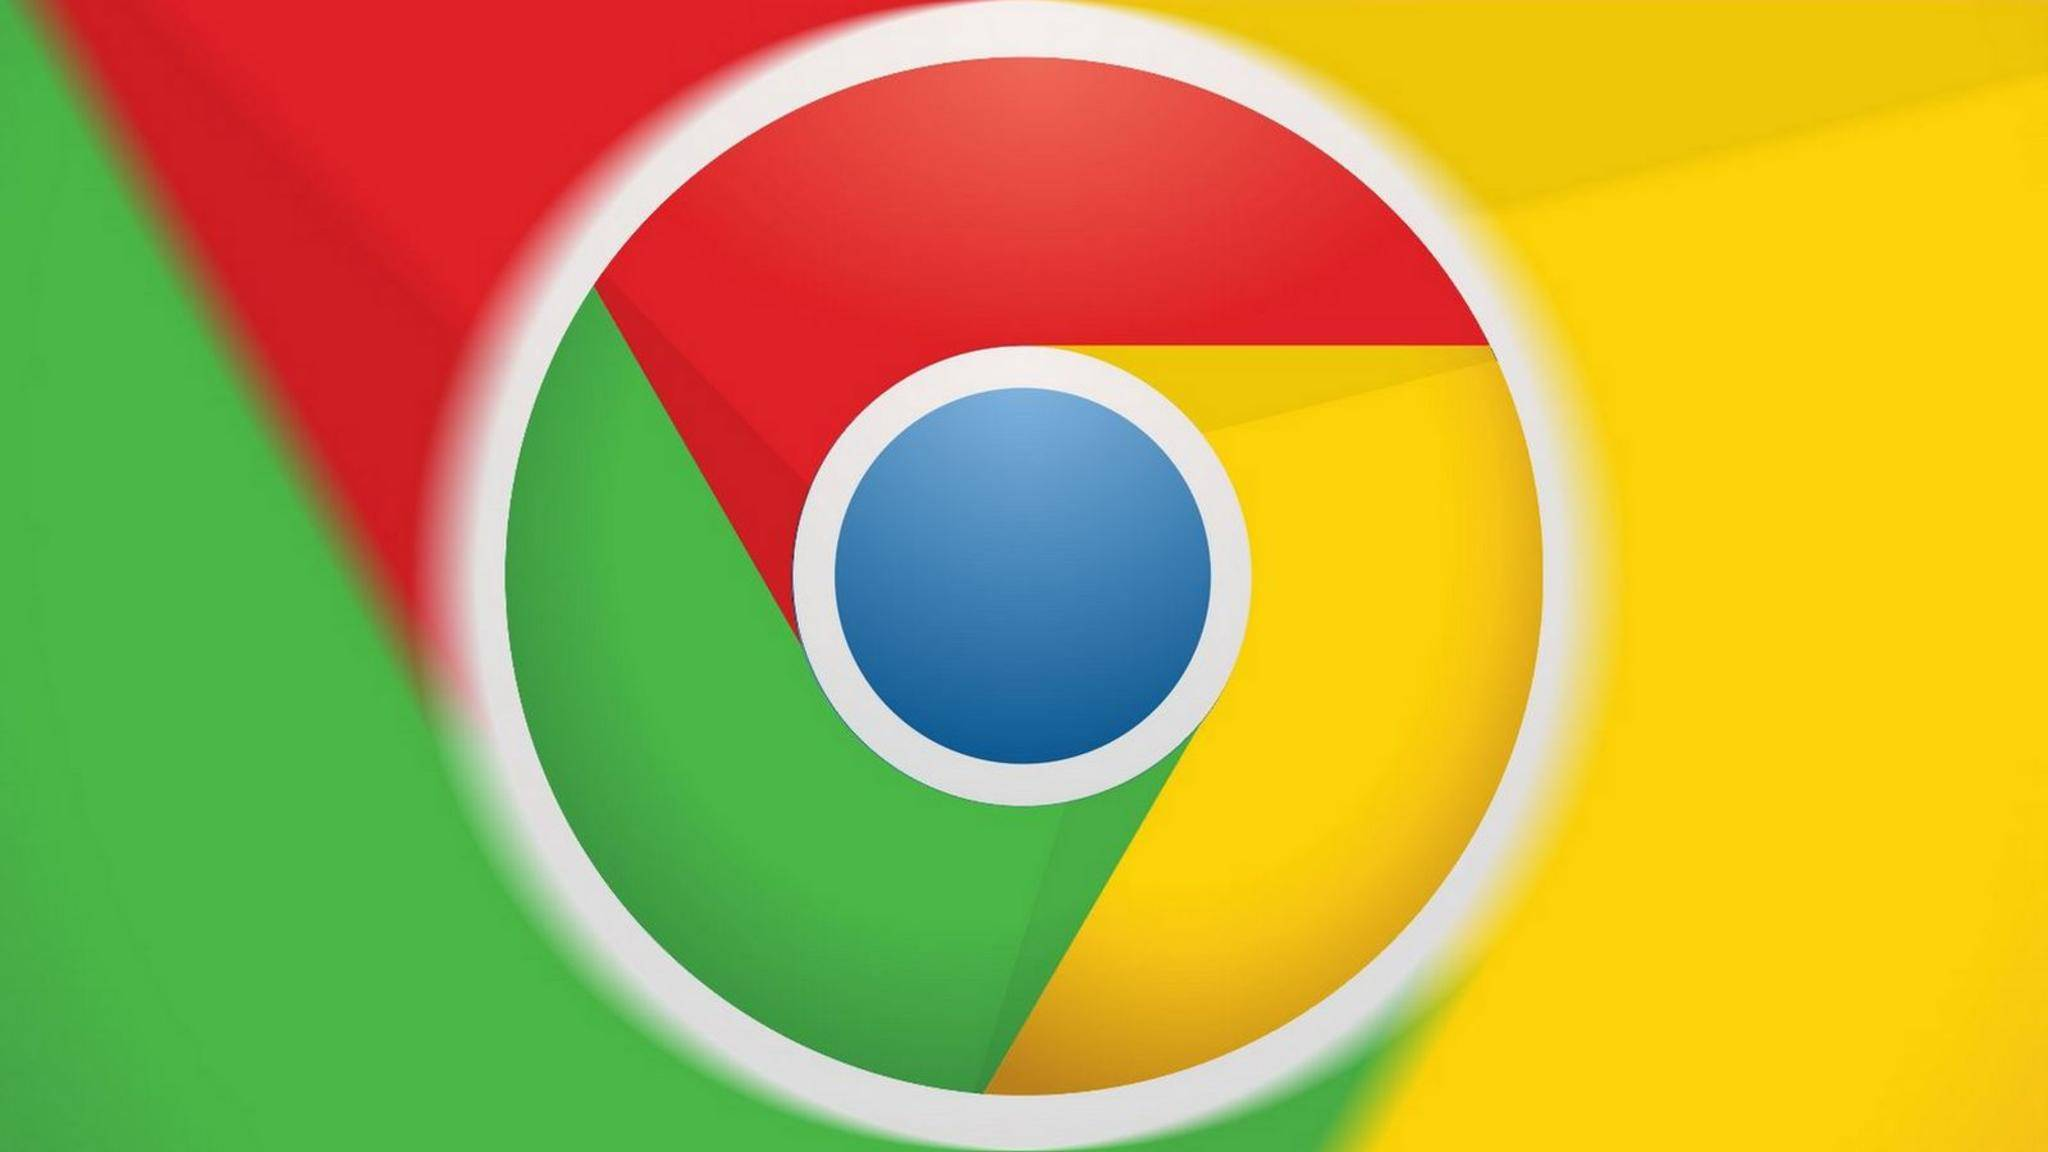 Auch vom Smartphone aus lassen sich Desktop-Erweiterungen für Chrome installieren.